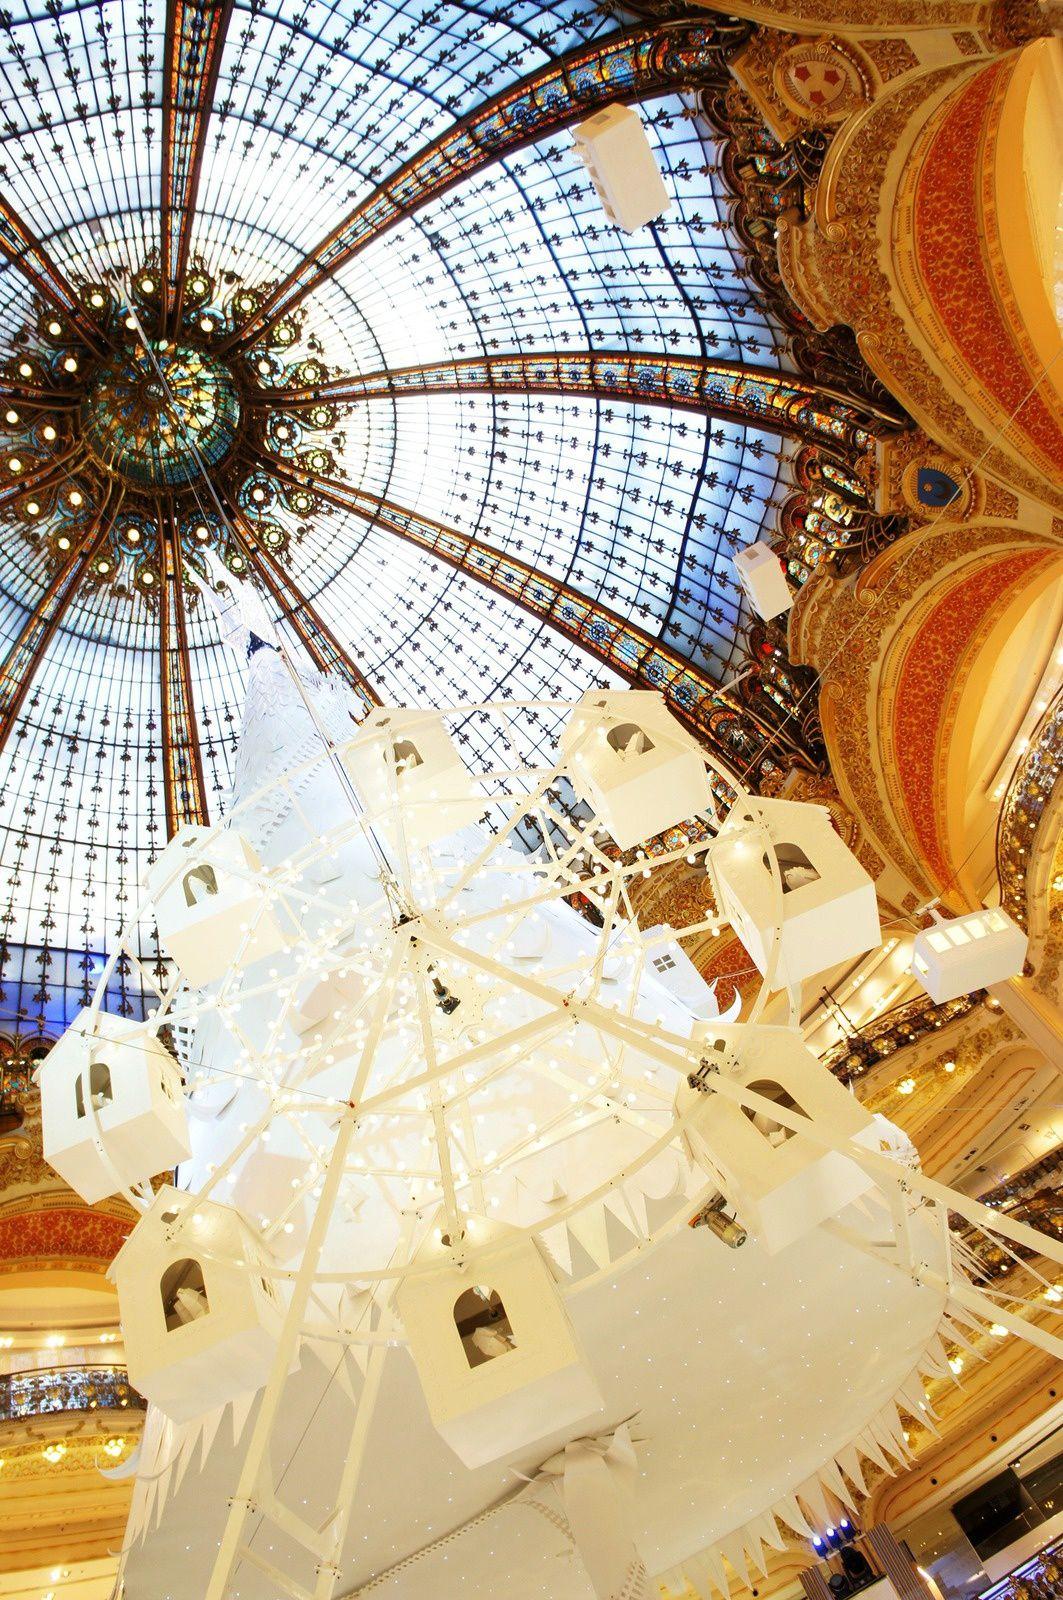 Le faste des Galeries Lafayette... et leur open bar vraiment open puisqu'il se trouve sur le toit. Entre deux articles impayables, j'y ai rencontré le Père Noël, le vrai.